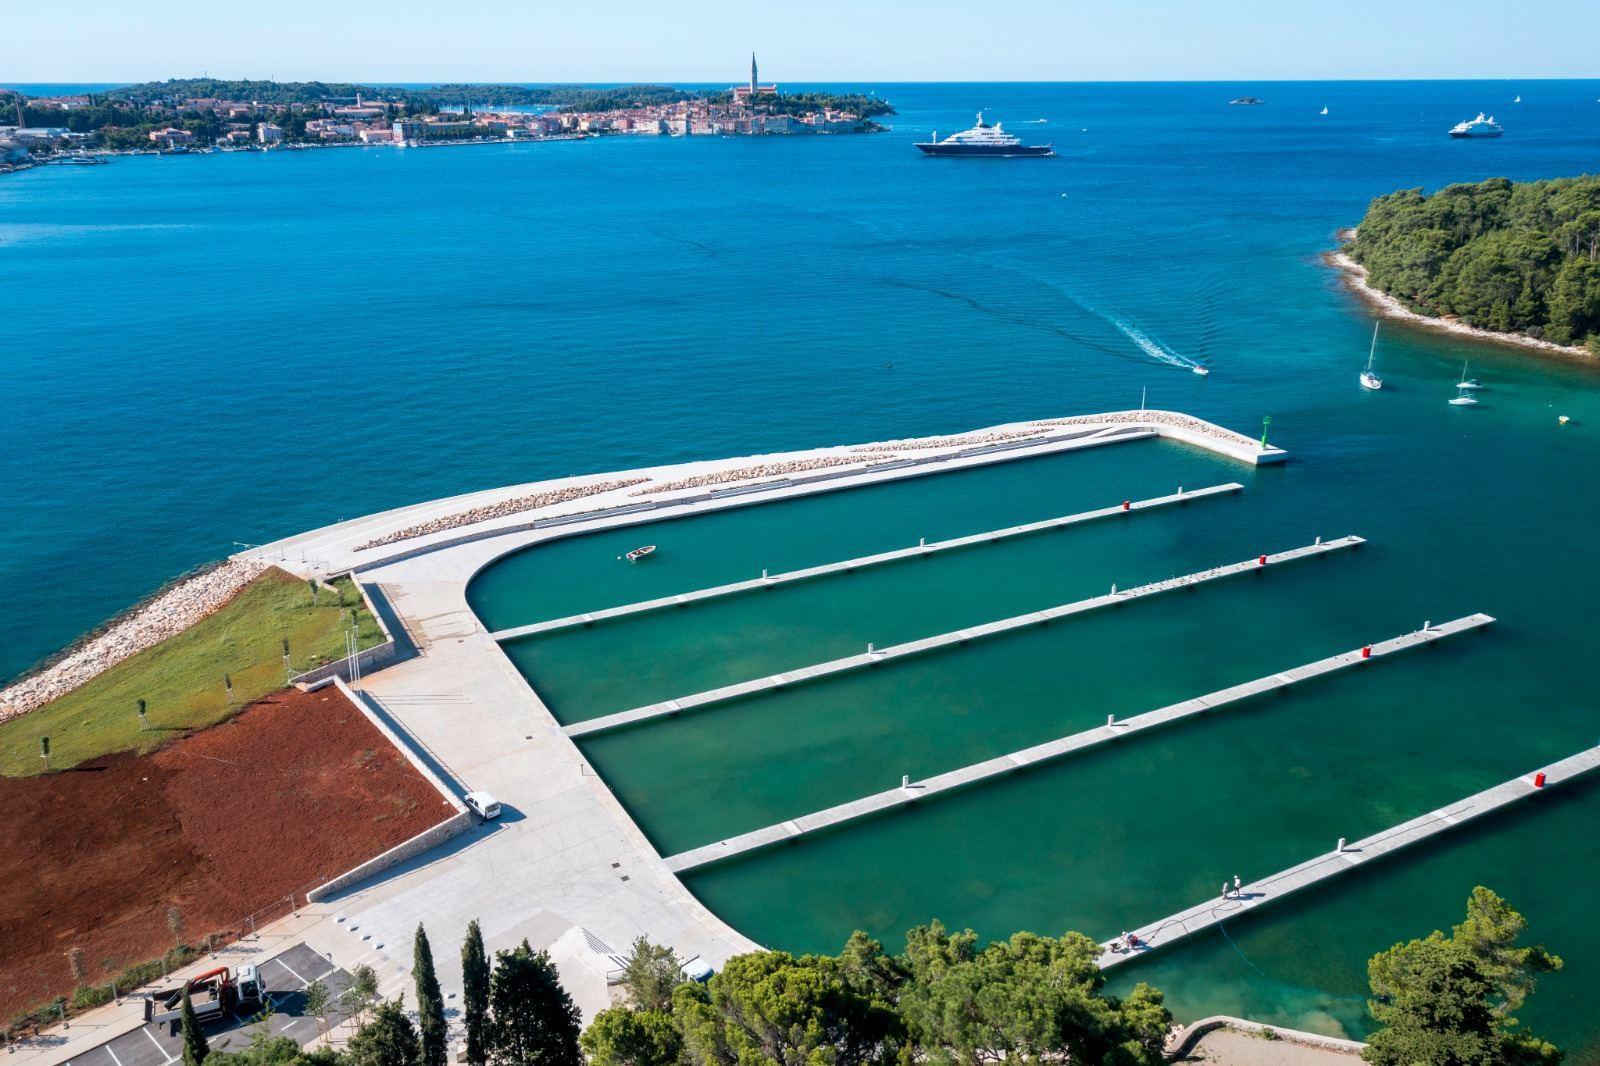 Il nuovo porto comunale San Pelagio verrà inaugurato il 15 settembre